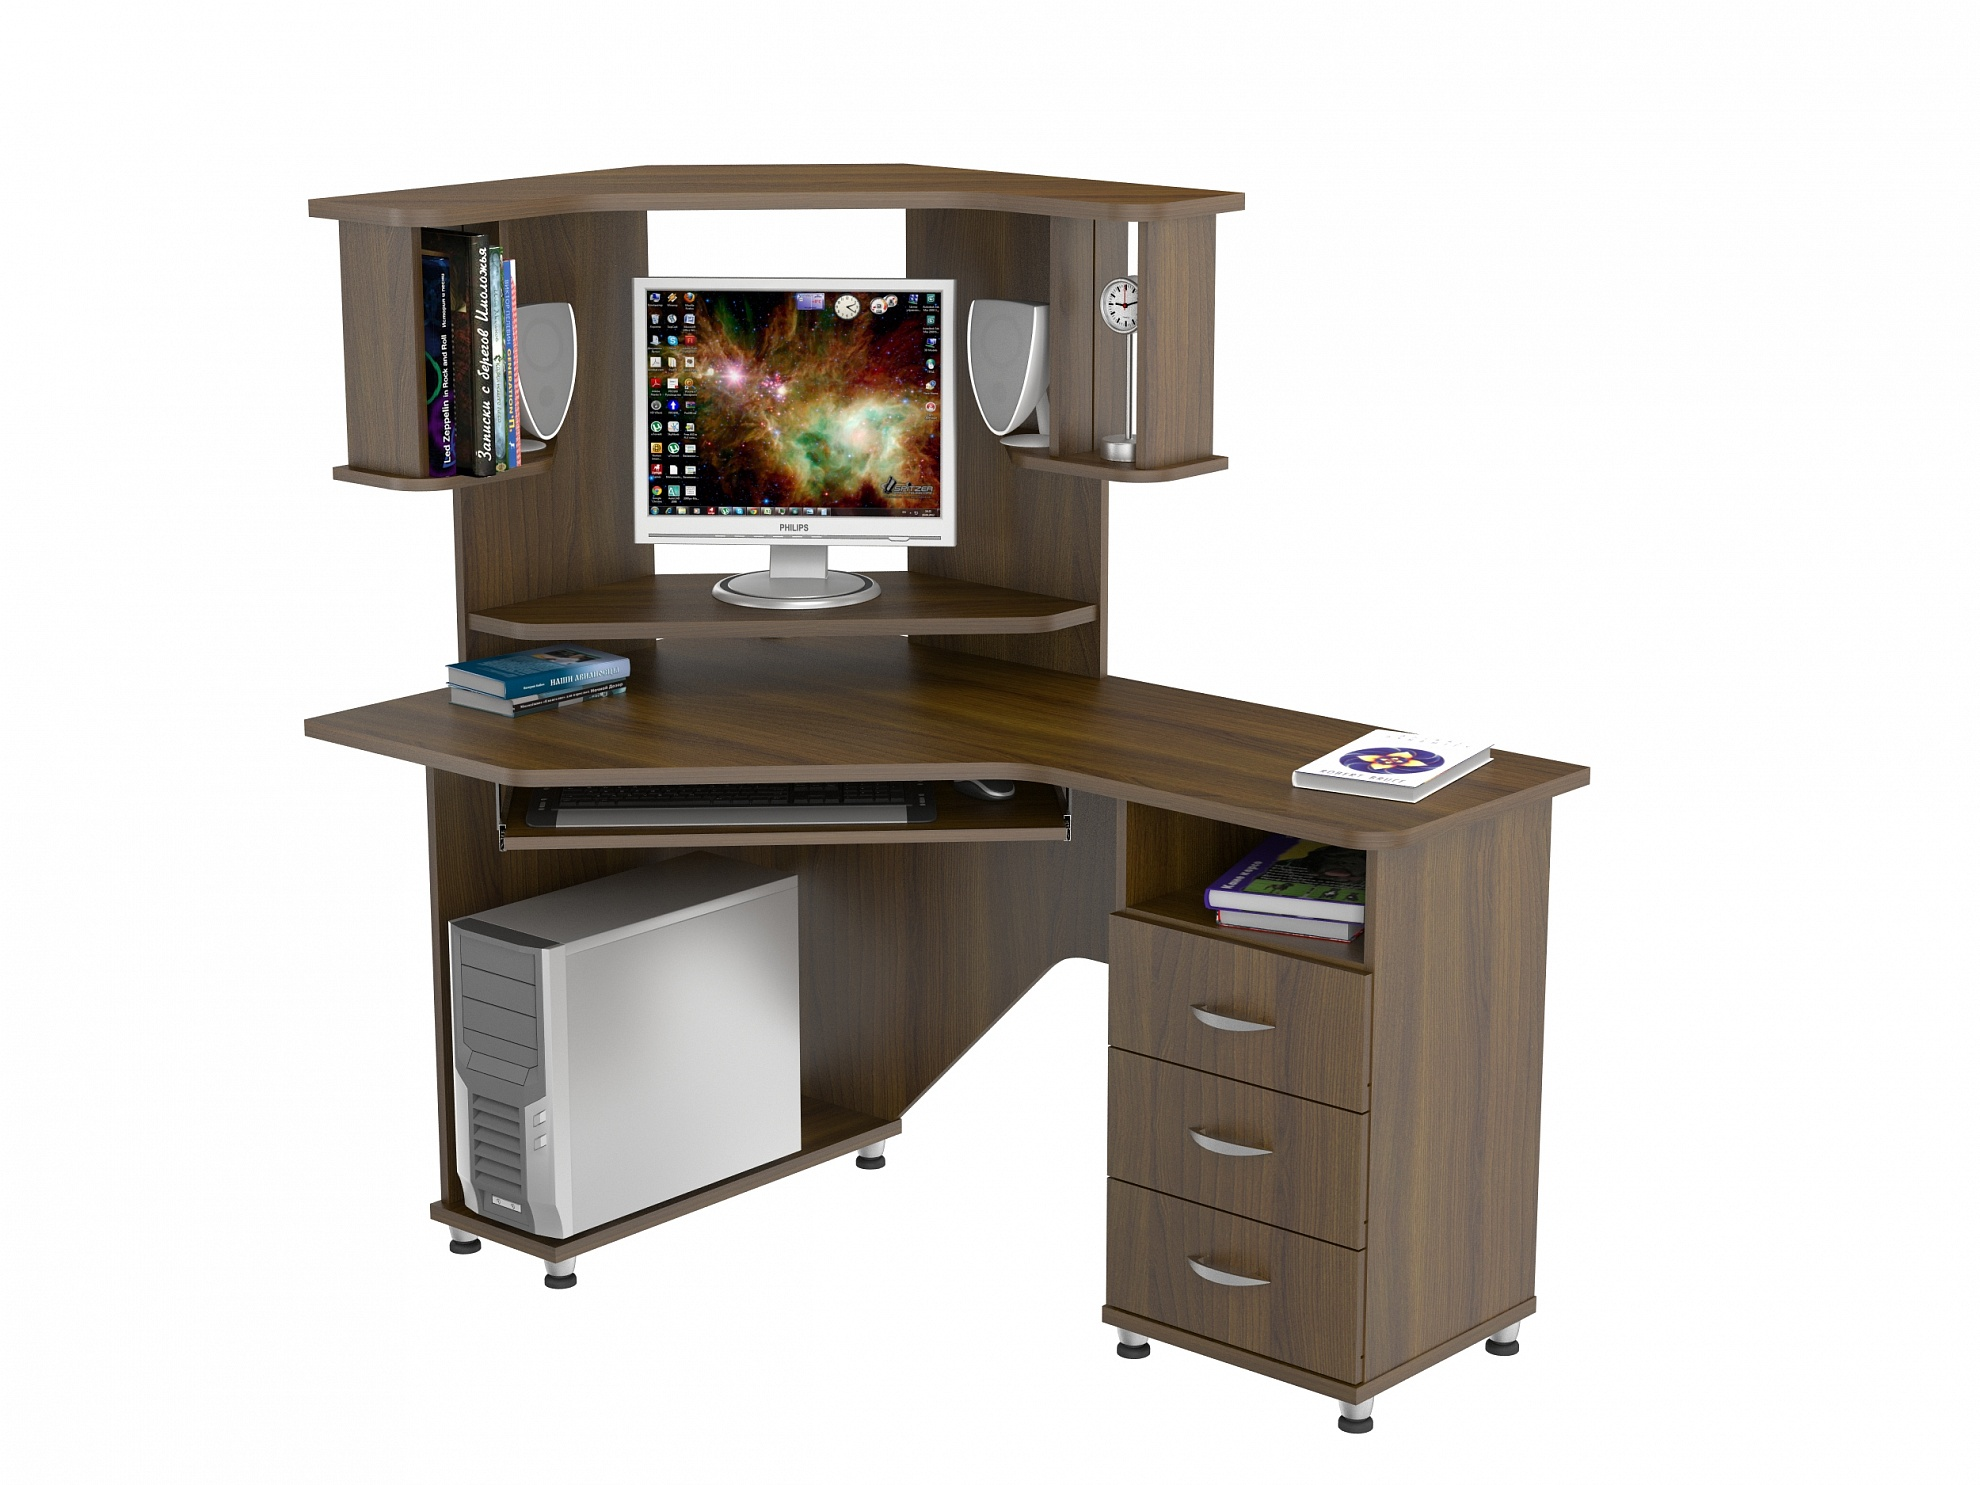 Компьютерный стол КС 20-17м2Компьютерные столы<br>Размер: 1400х890 В1440<br><br>Материалы: ЛДСП, кромка ПВХ<br>Полный размер (ДхГхВ): 1400х890х1440<br>Габарит монитора: 44х49 (диагональ от 15 до 19)<br>Вес товара (кг): 73<br>Цвет: Дуб Сонома, Орех Валенсия<br>Примечание: Доставляется в разобранном виде<br>Изготовление и доставка: 2-3 дня<br>Условия доставки: Бесплатная по Москве до подъезда<br>Условие оплаты: Оплата наличными при получении товара<br>Доставка по МО (за пределами МКАД): 30 руб./км<br>Подъем на лифте: 500 руб.<br>Гарантия: 12 месяцев<br>Производство: Россия, г. Москва<br>Производитель: ВасКо (Дик)